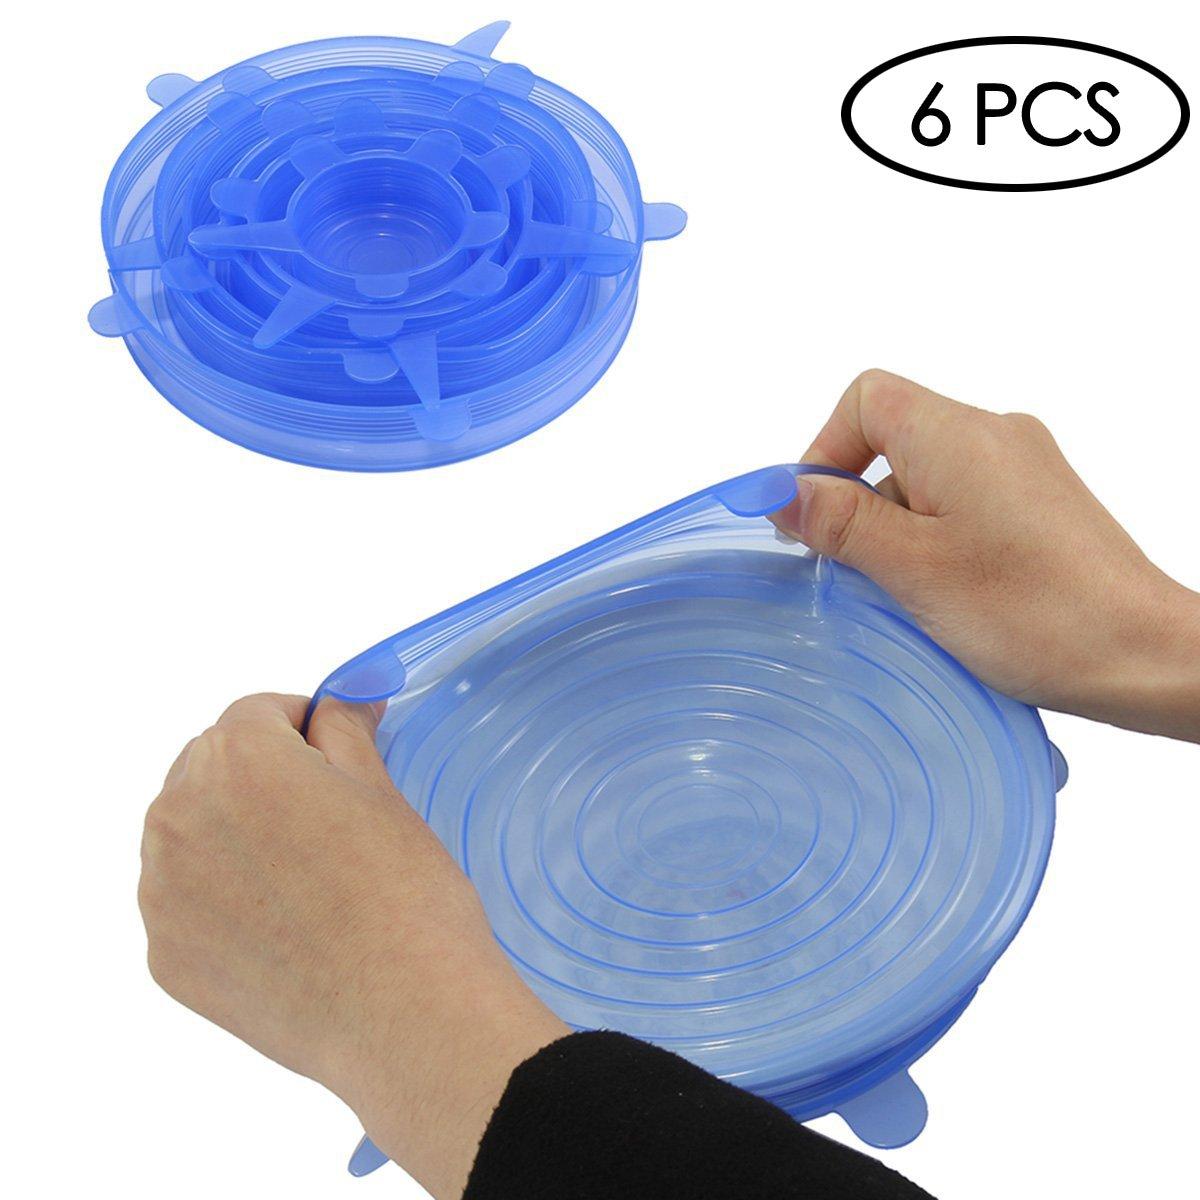 Oenbopo, coperchi di Silicone morbidi, pacco da 6 di varie misure, coperchi per contenitori alimentari - senza BPA, adatti a lavastoviglie, microonde, forno e freezer.